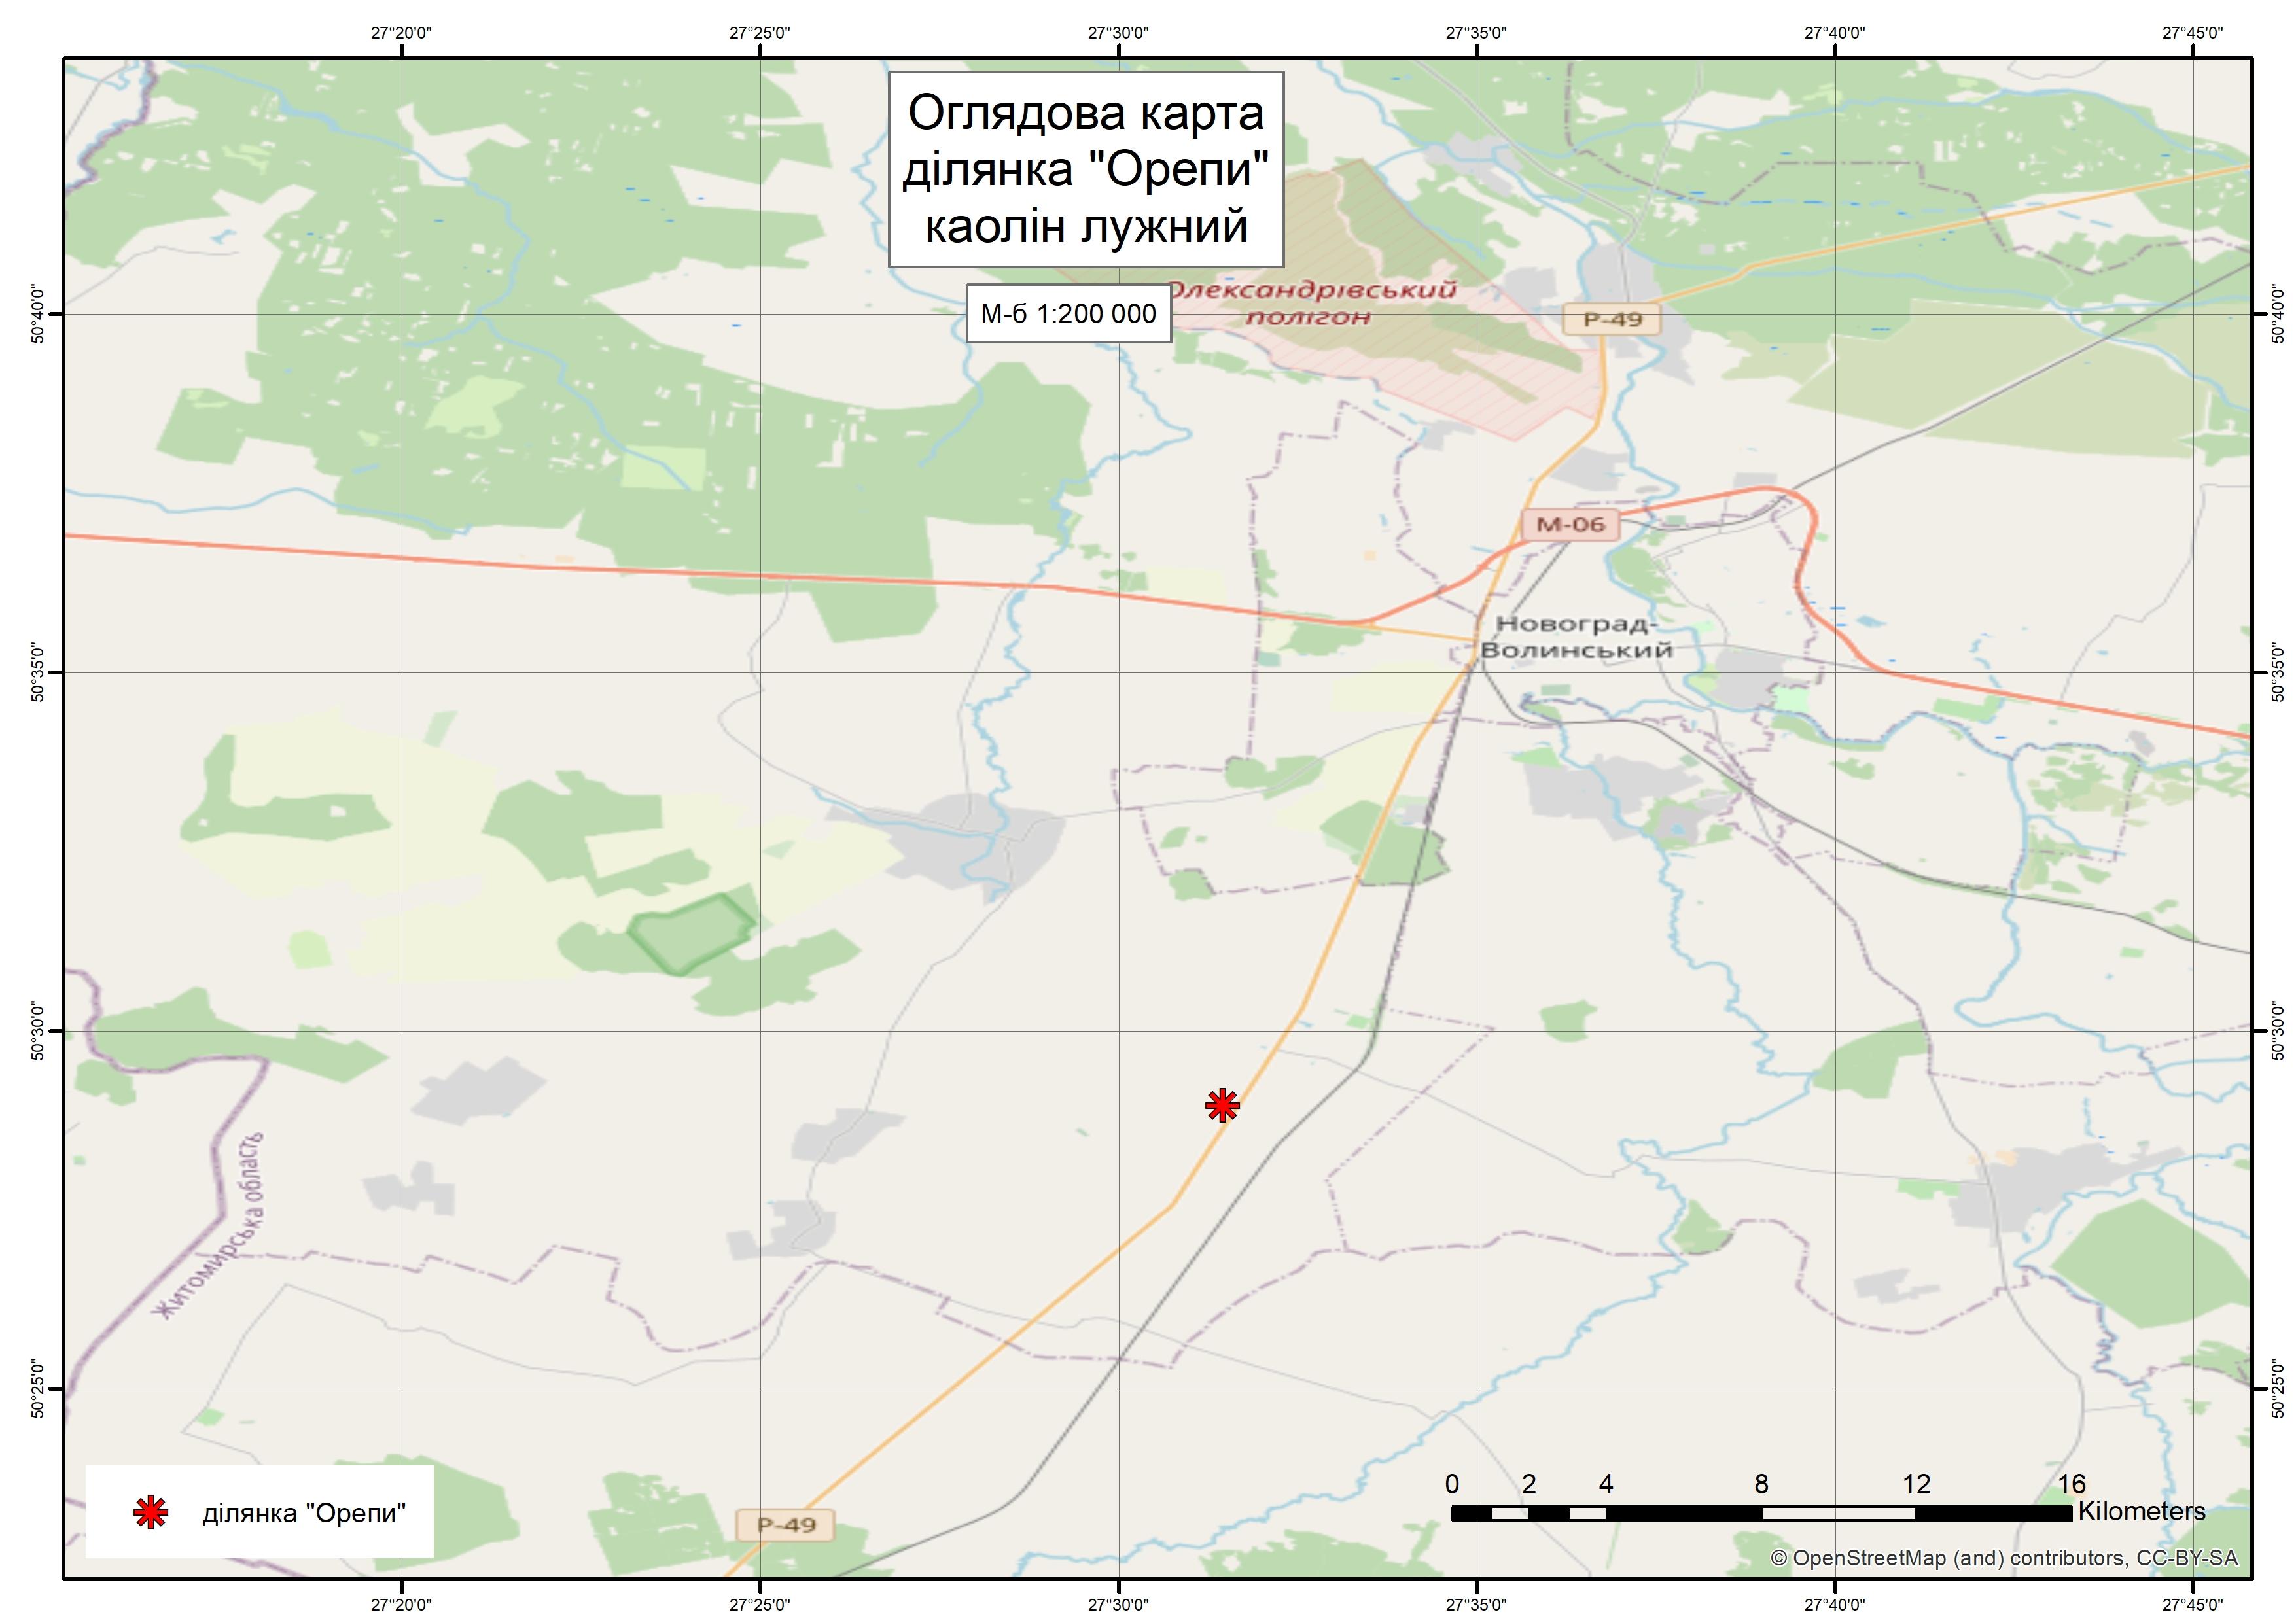 Спеціальний дозвіл на користування надрами – Ділянка «Орепи». Вартість геологічної інформації – 155 313,26 грн (з ПДВ). Вартість пакету аукціонної документації – 8 733,82 грн (з ПДВ).